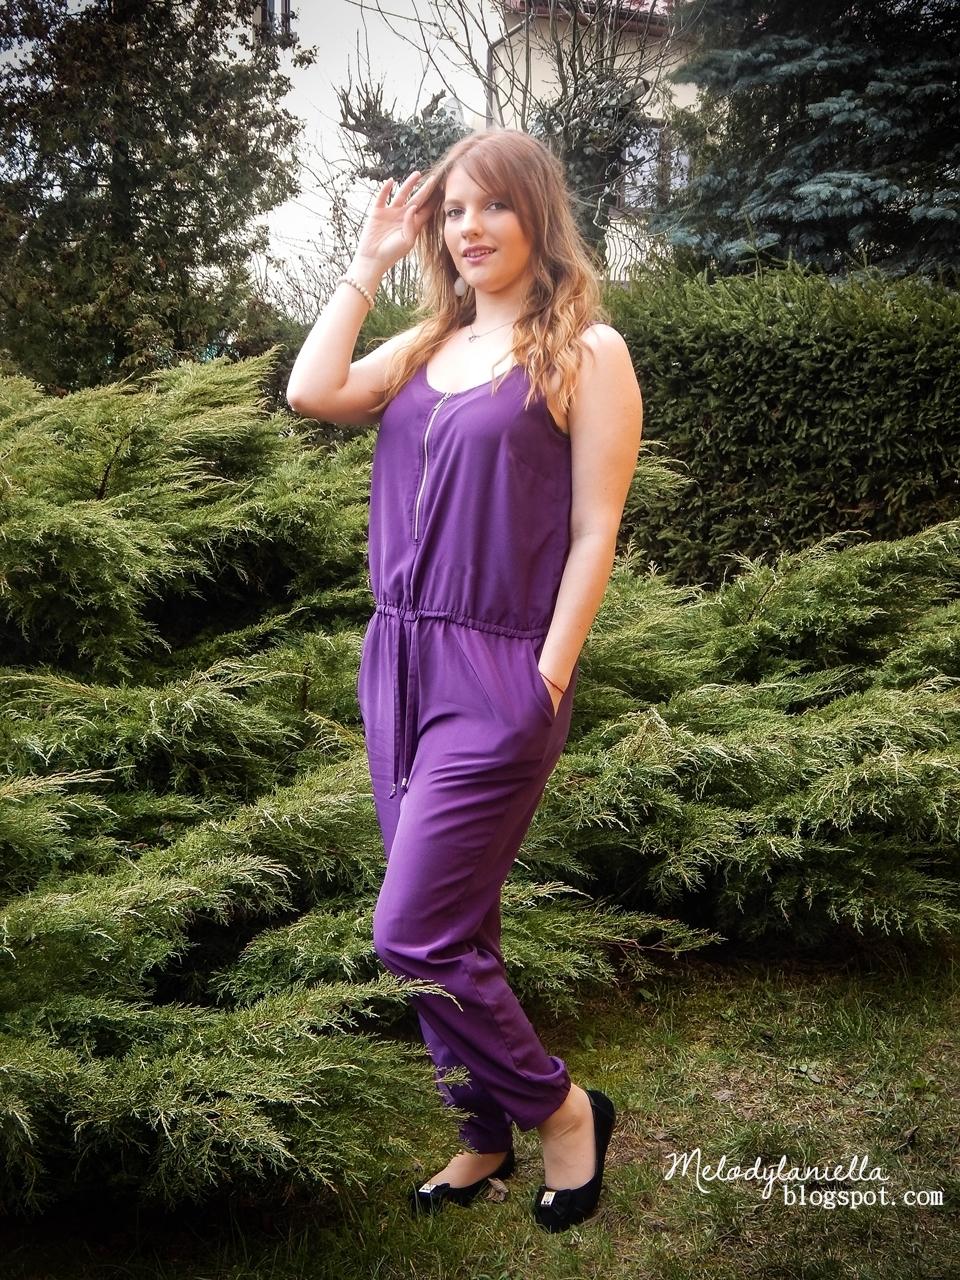 fioletowy kombinezon dlugie spodnie  bez rękawów z gumką suwak, spodnie alladynki bonprx moda